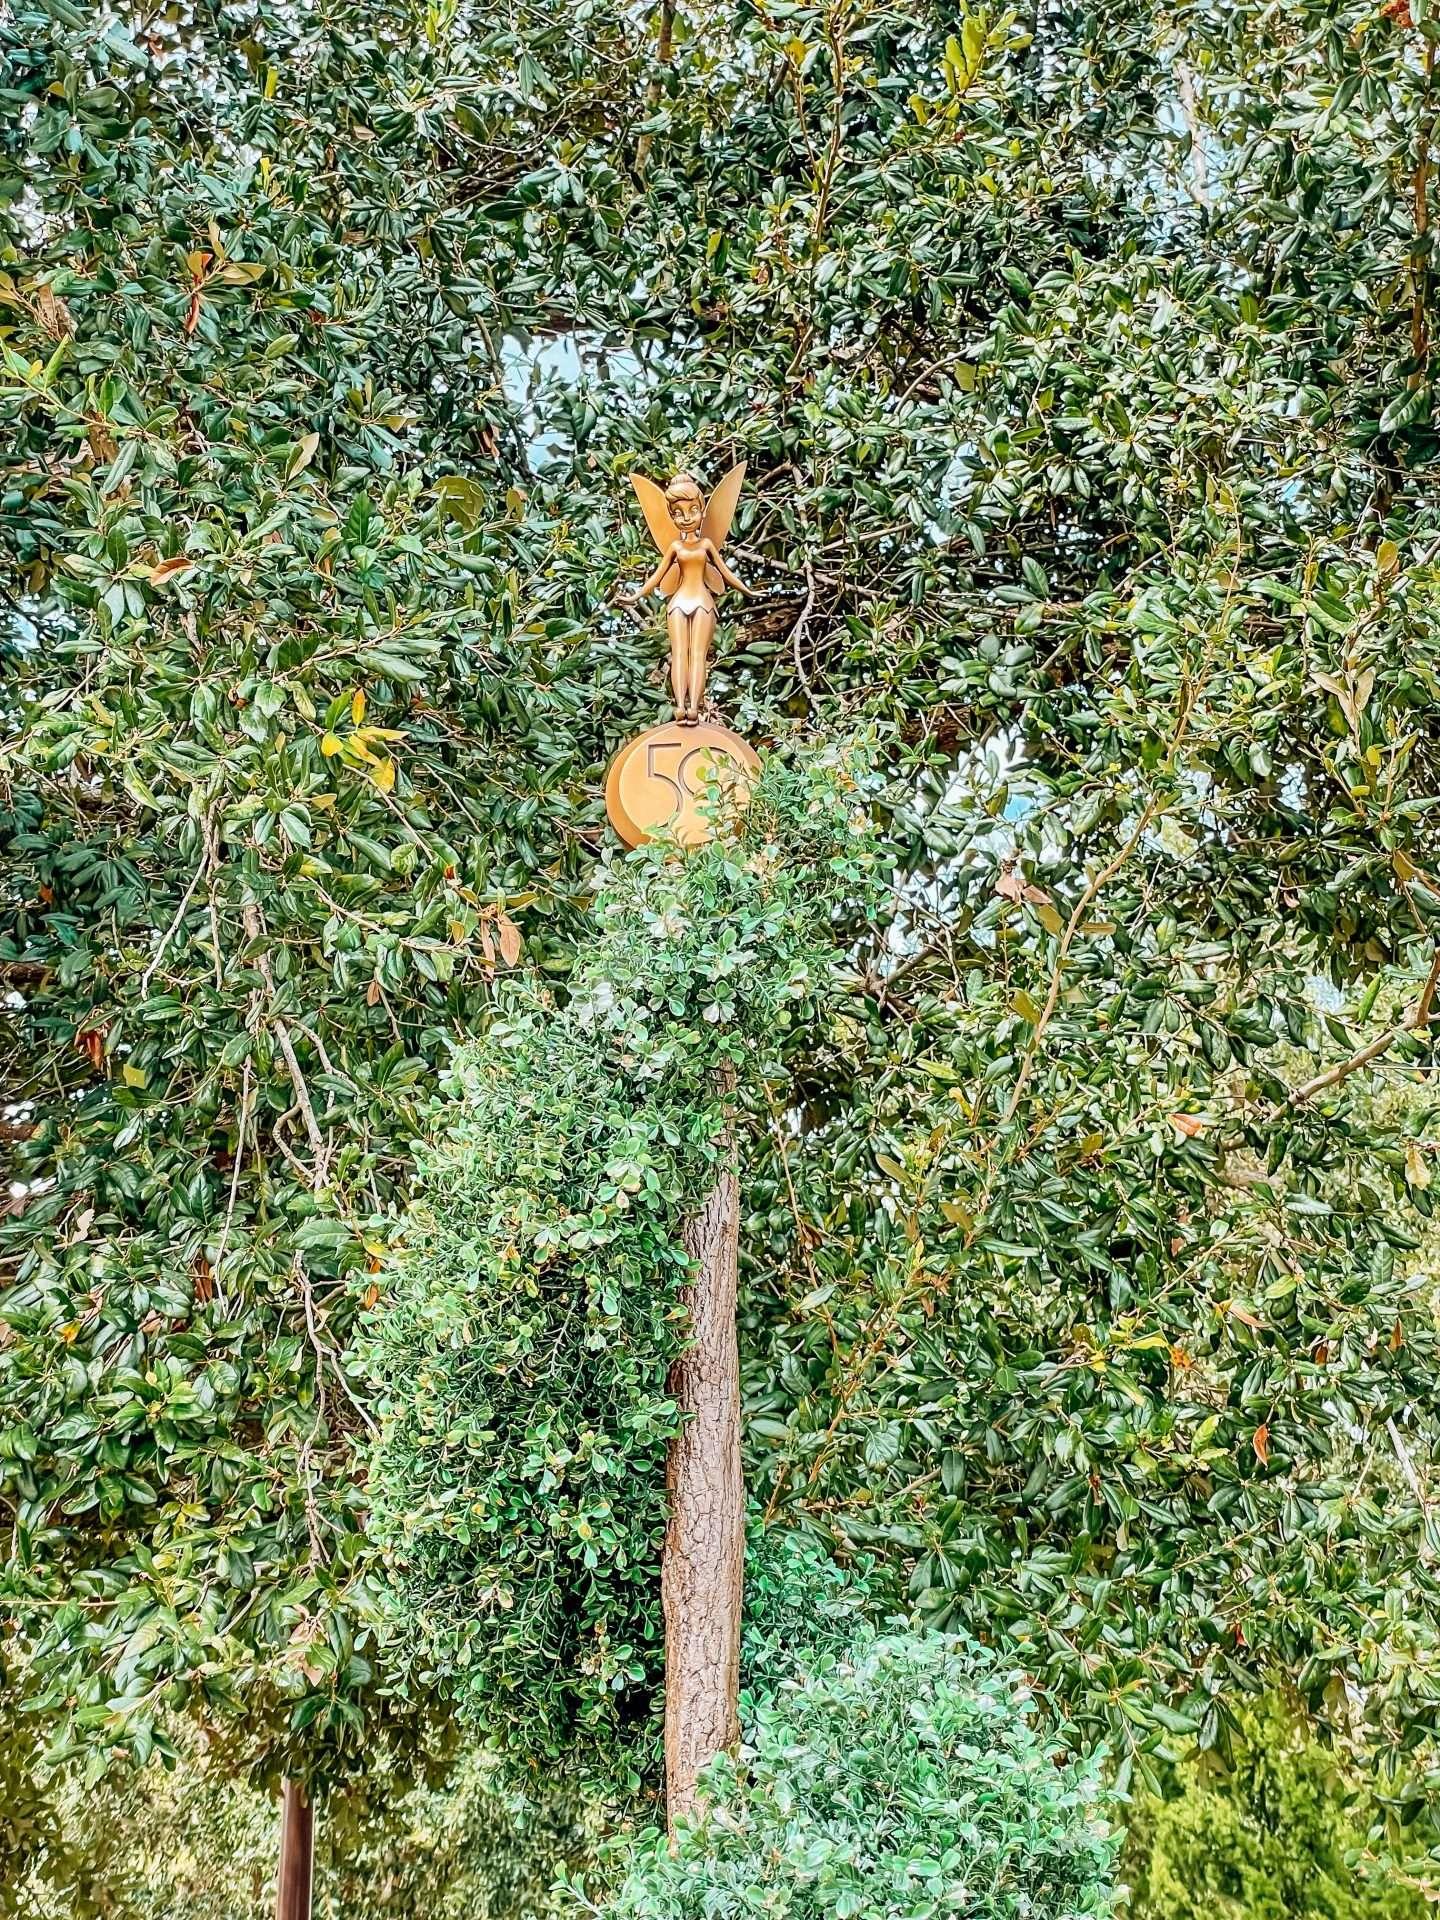 50th anniversary statues at magic kingdom tinkerbell